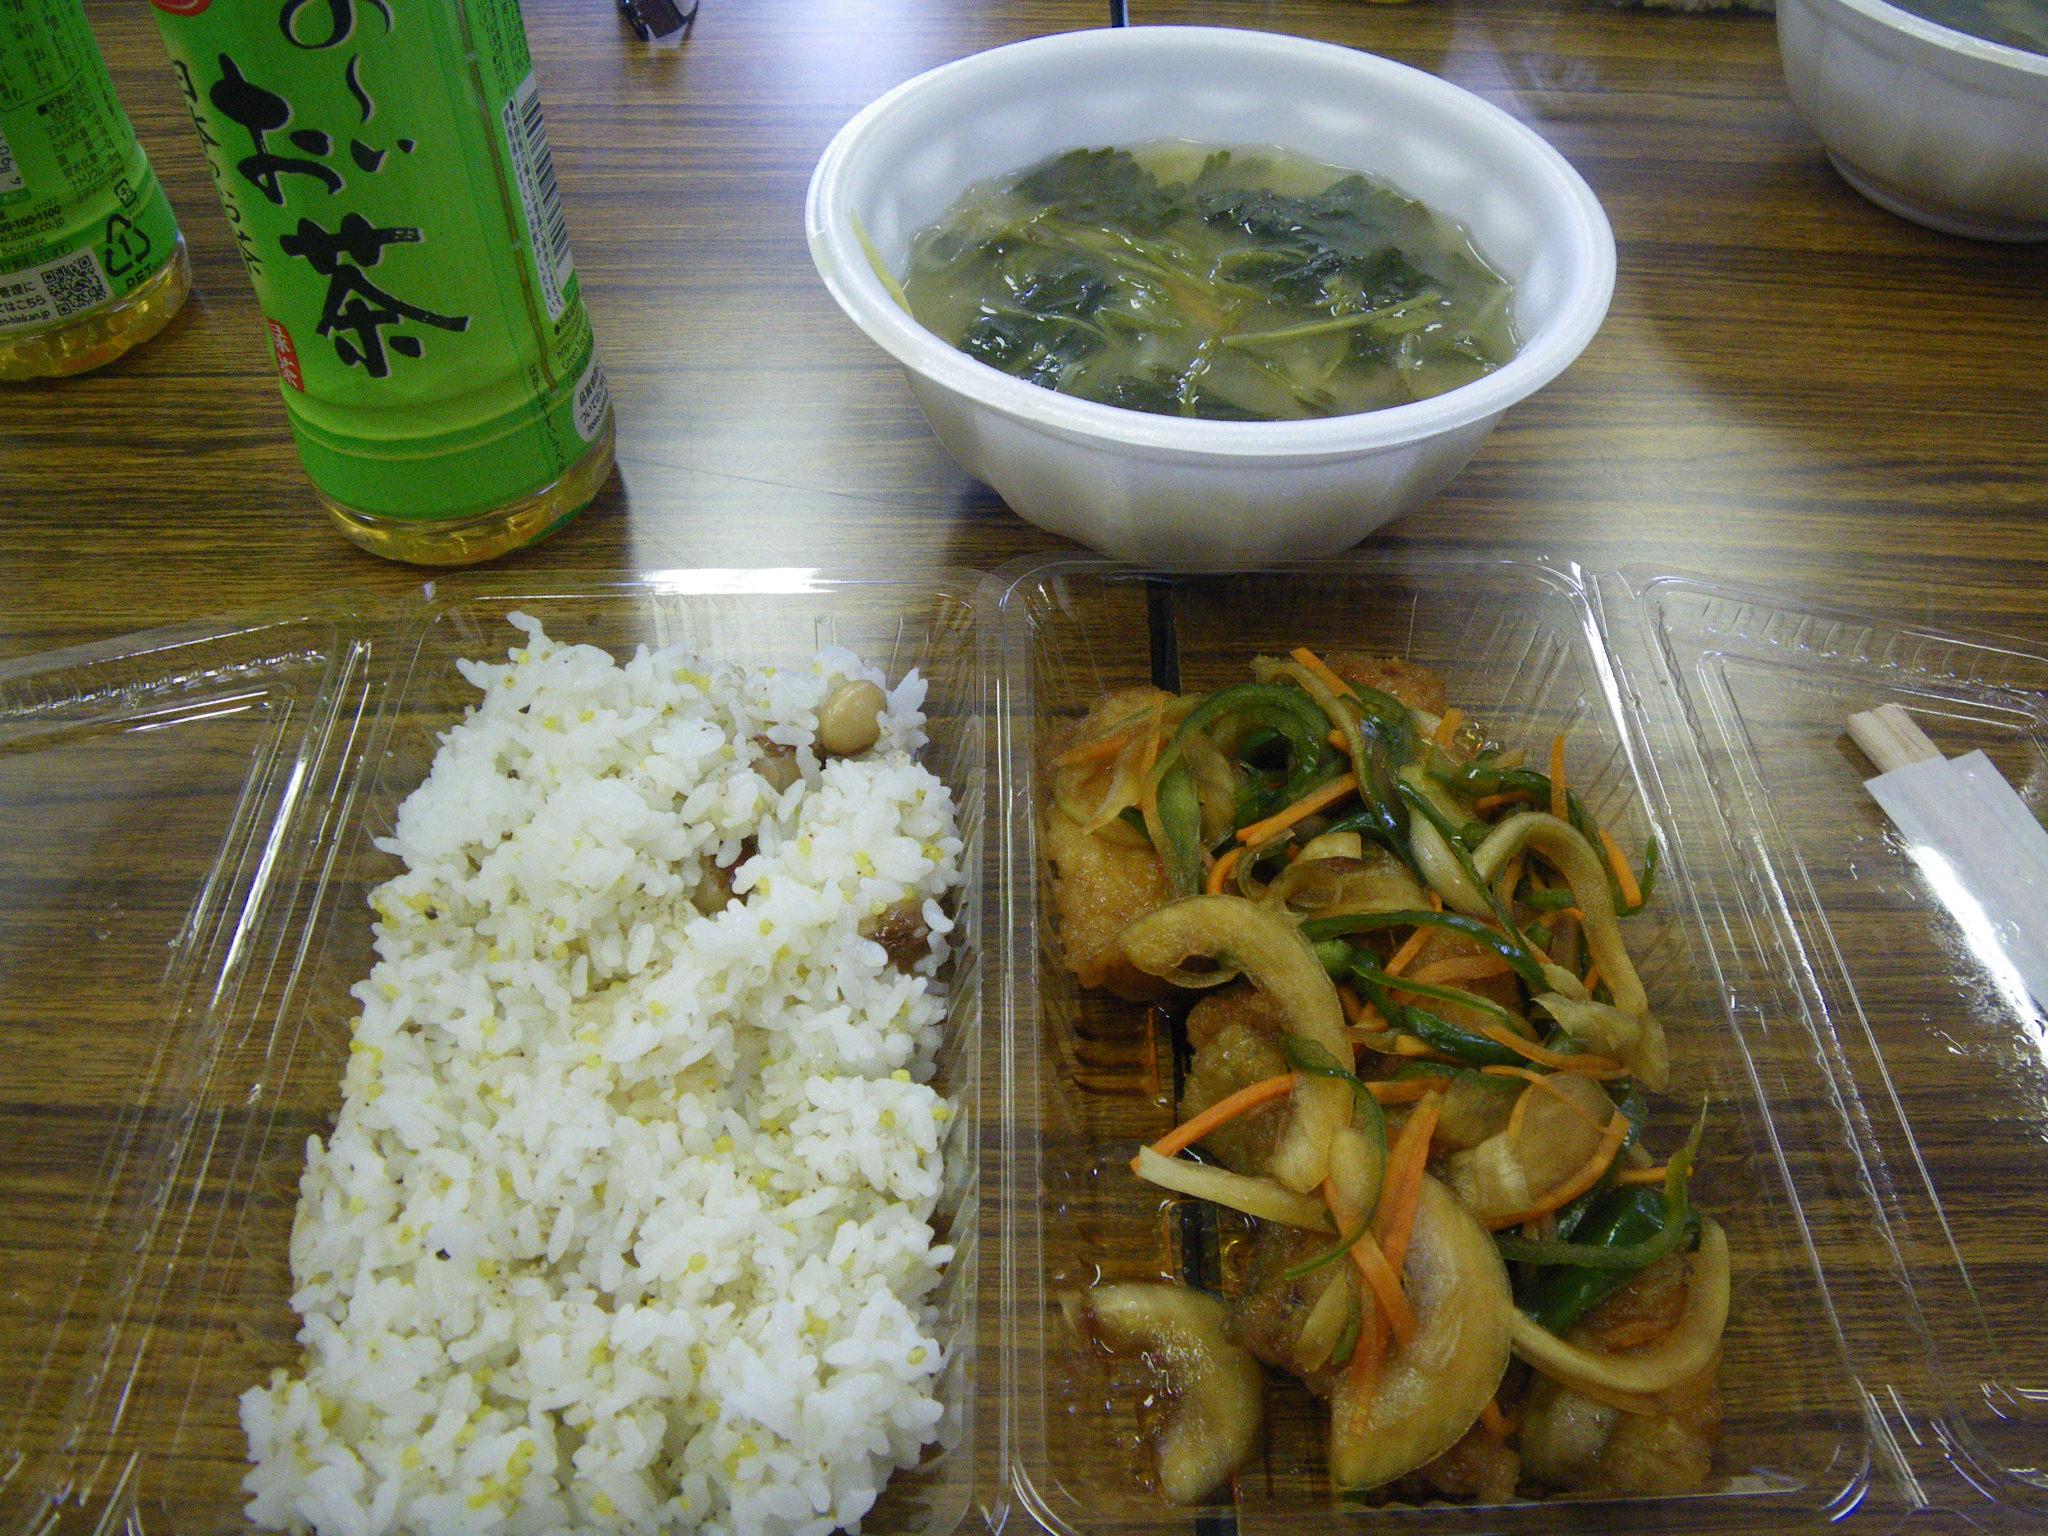 アイヌ伝統漁法アシリチェプノミ見学 札幌発着 (10/17) 札幌